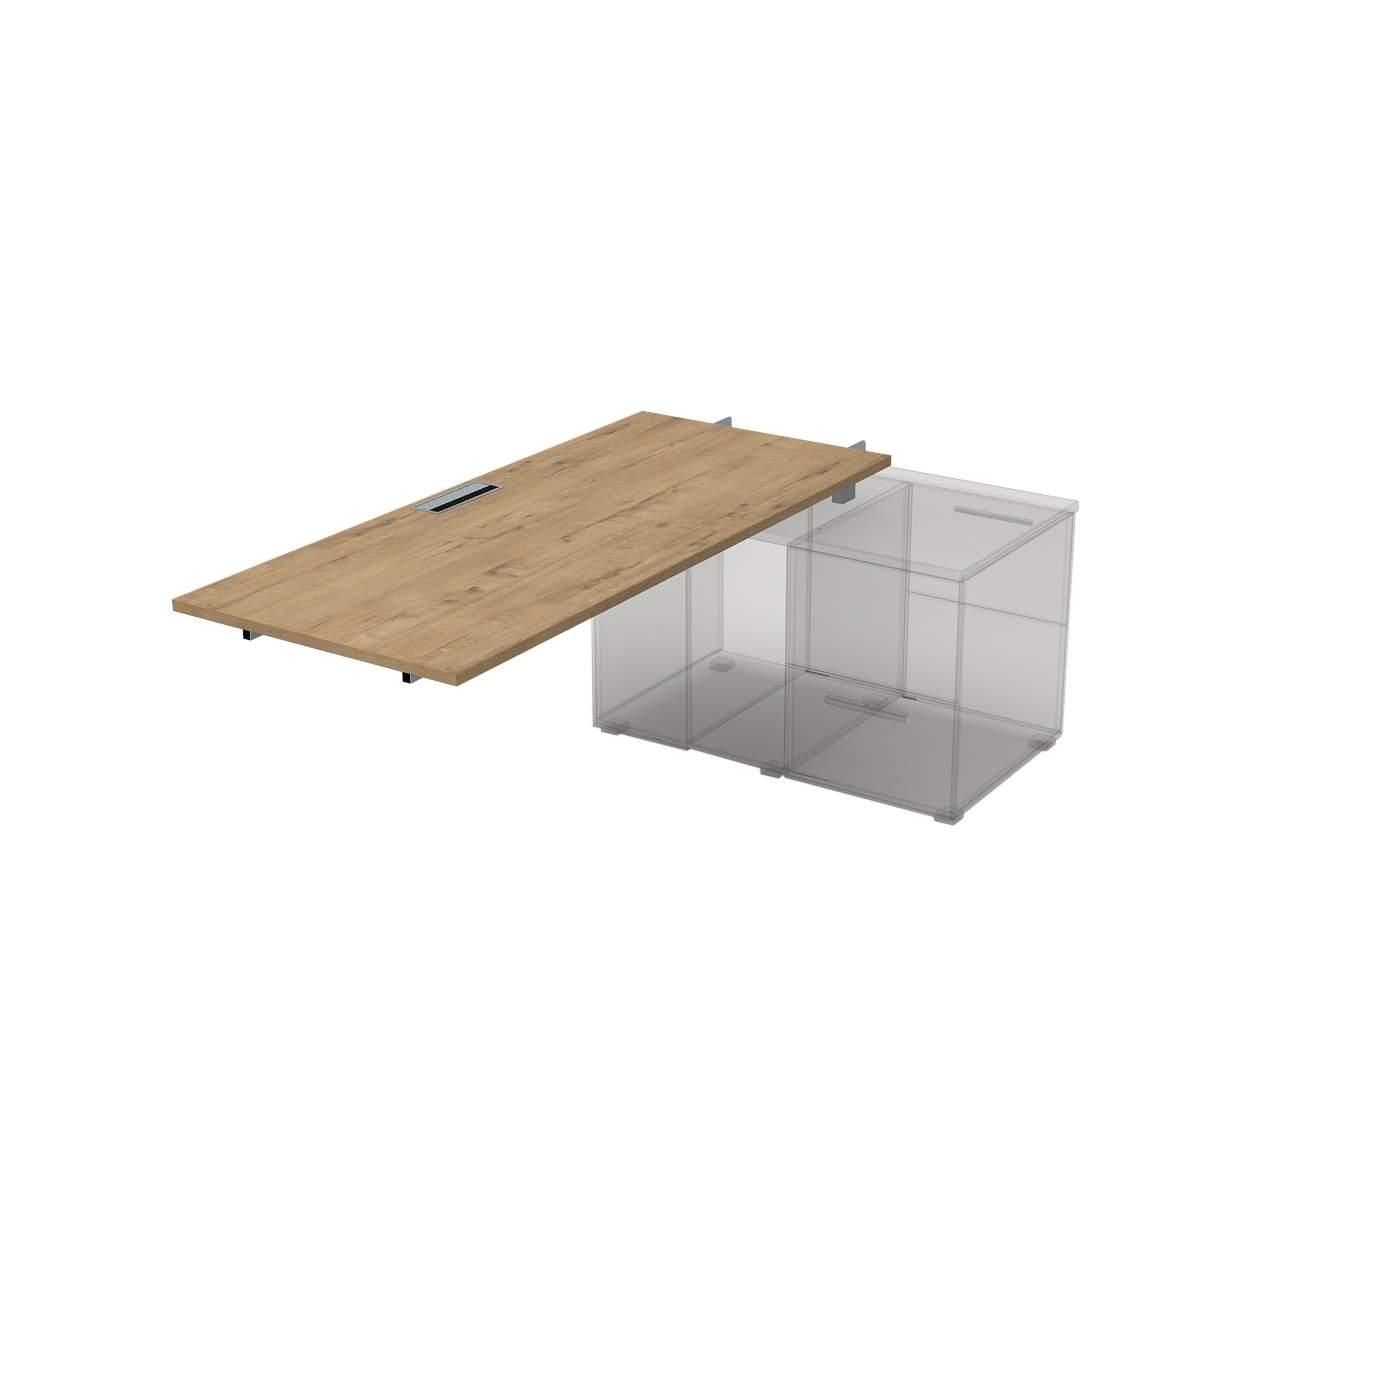 Стол для крепления на тумбу, средний модуль 1600х700х750